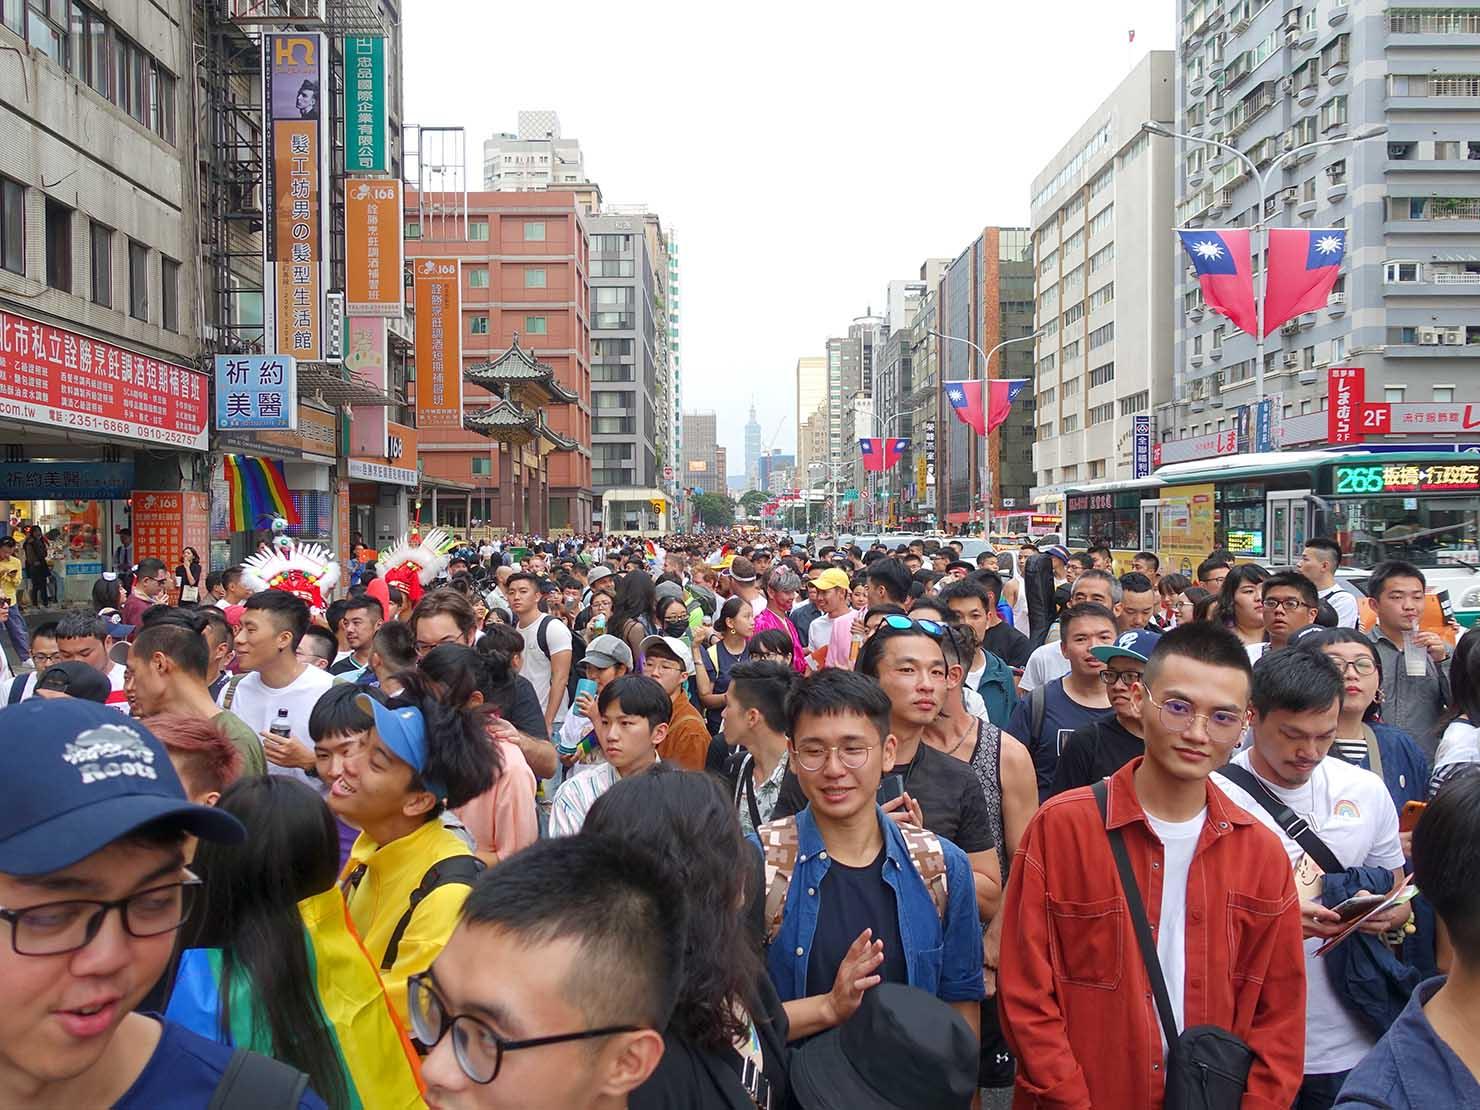 台灣同志遊行(台湾LGBTプライド)2019で善導寺に差し掛かるパレード隊列